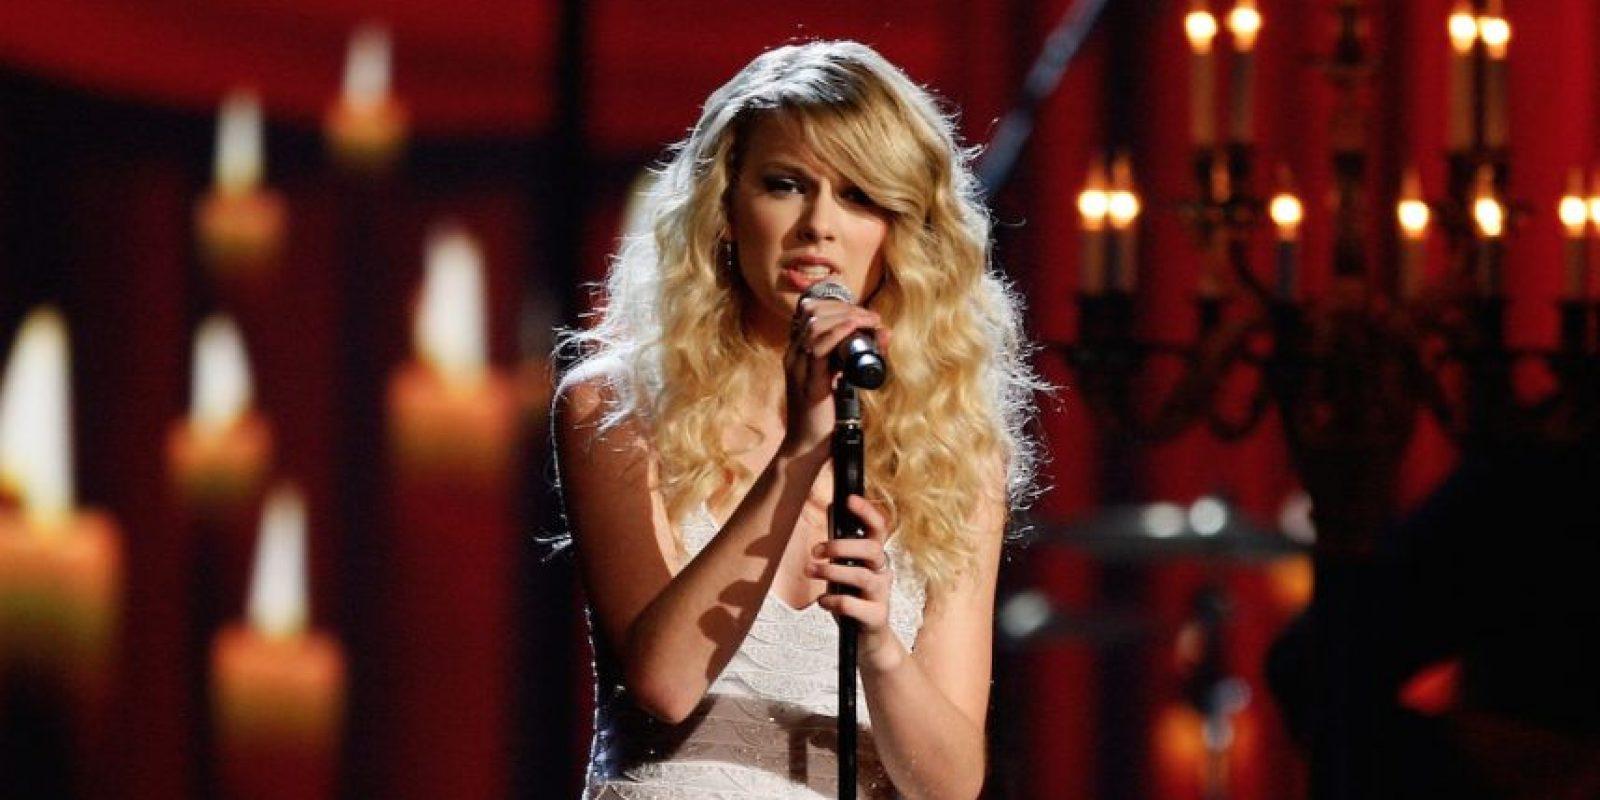 La cantante ha causado gran polémico debido a que sus canciones son inspiradas en sus ex parejas. Foto:Getty Images